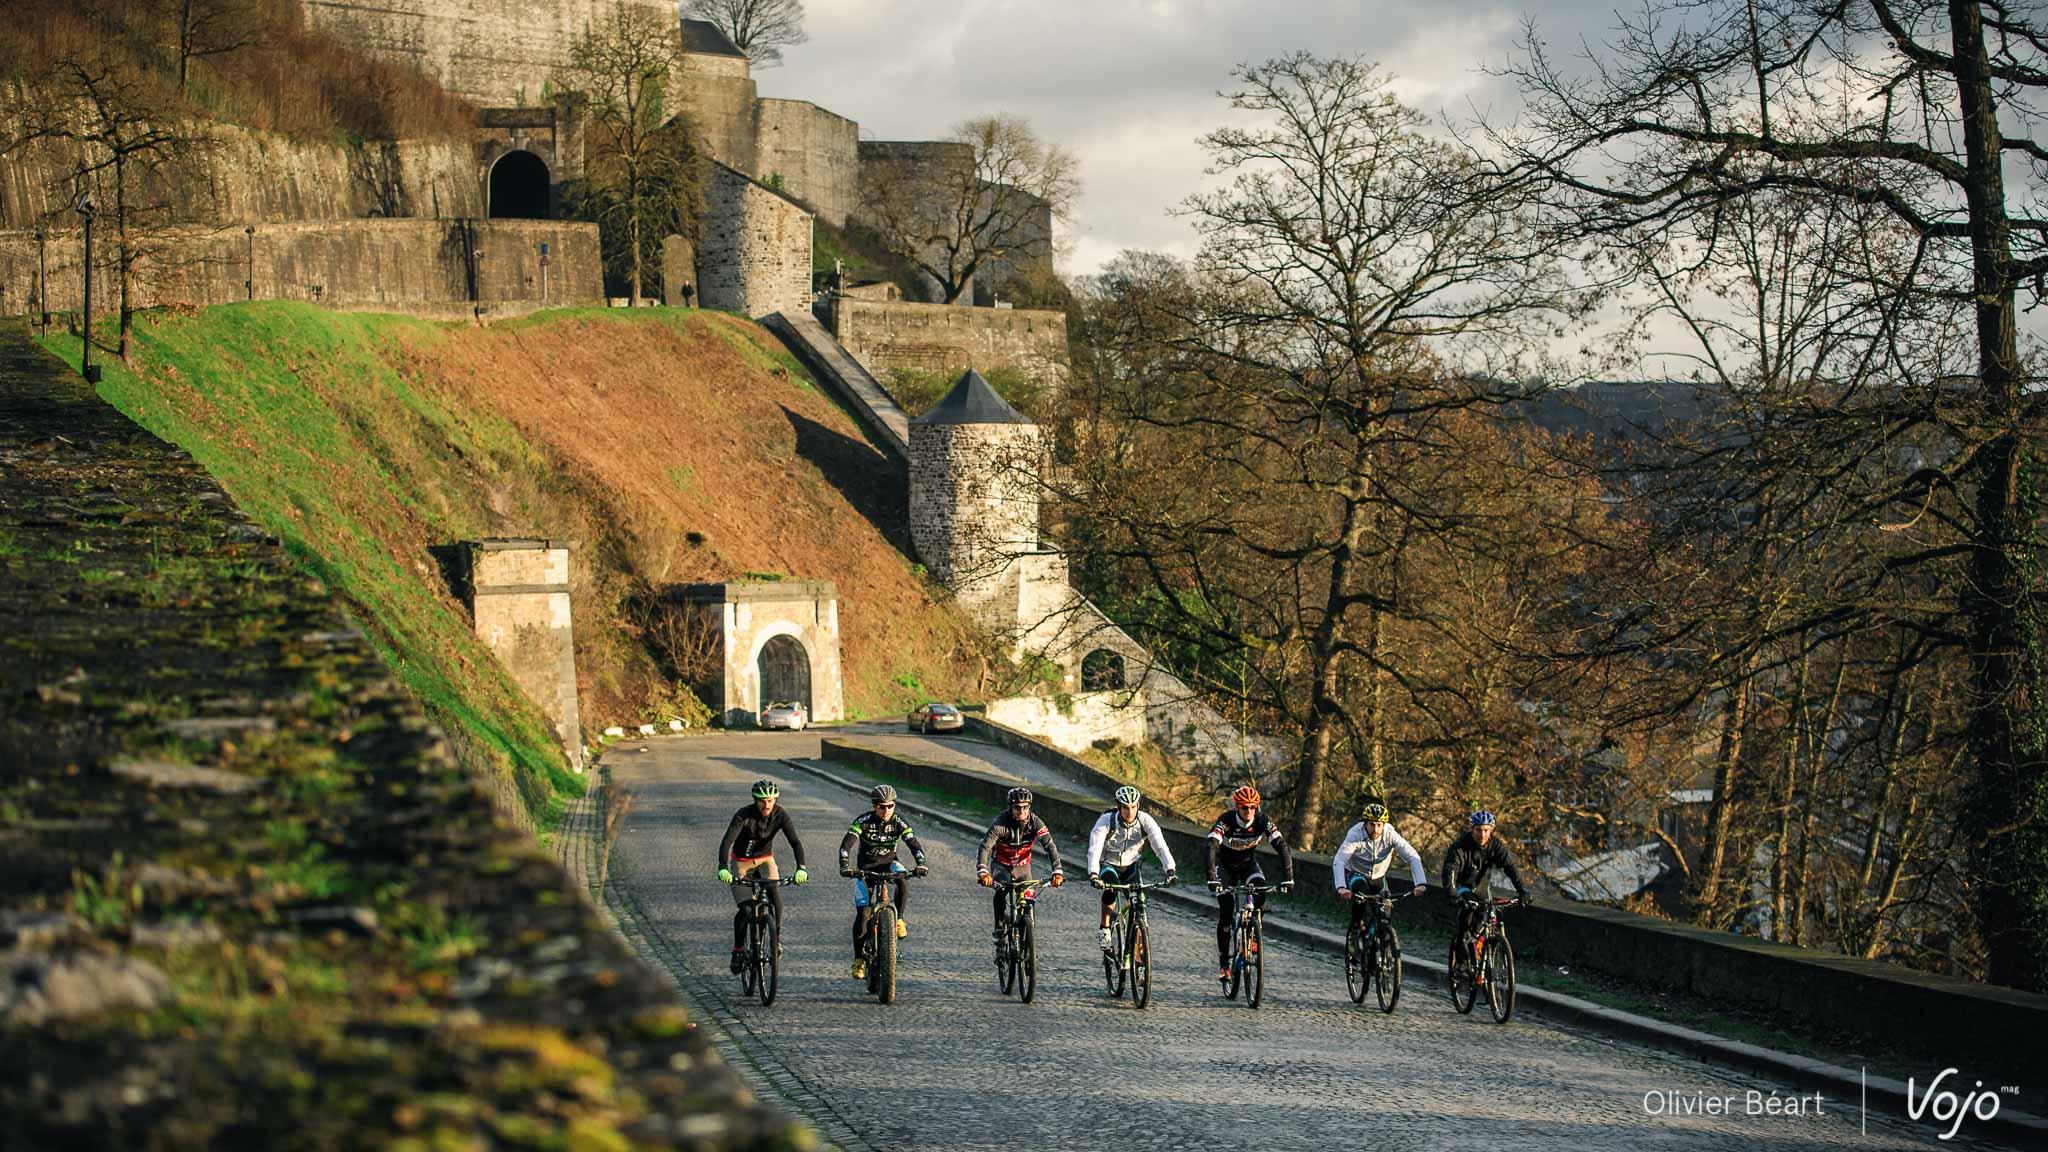 XTerra_Belgium_Namur_parcours_reconnaissance_Copyright_OBeart_VojoMag-26